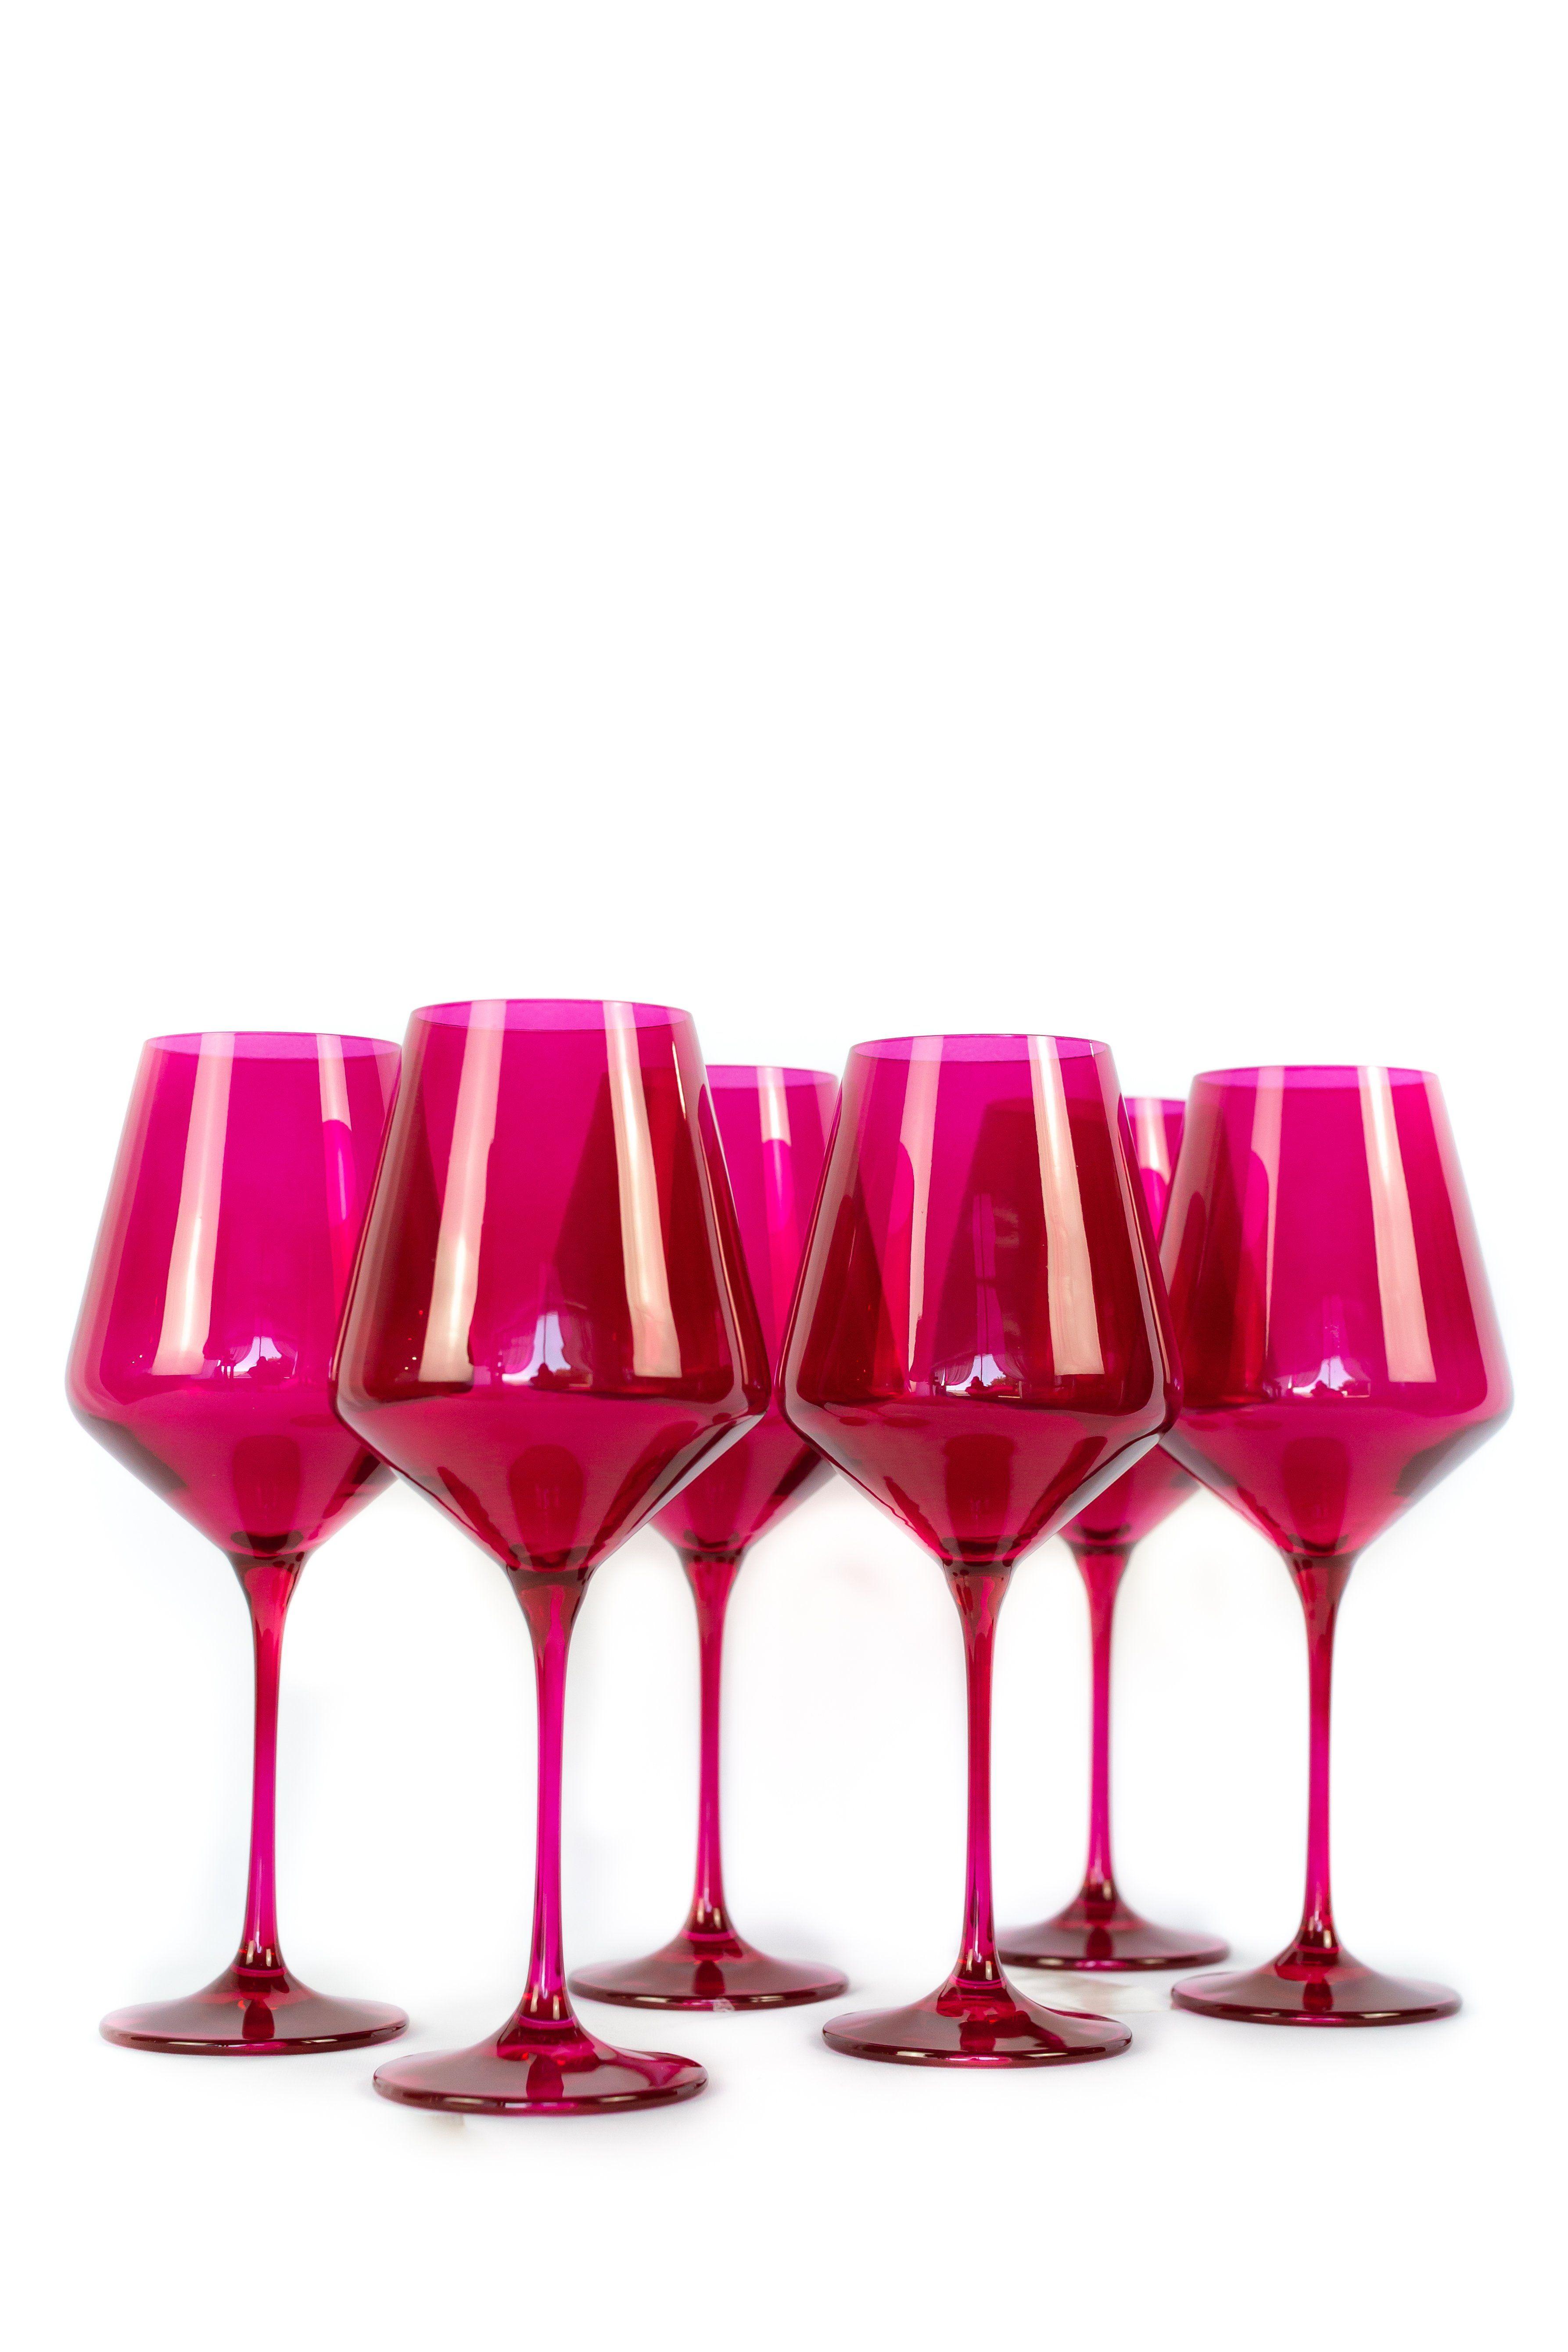 Estelle Colored Wine Stemware Set Of 6 Fuchsia In 2020 Stemware Colored Glass Color